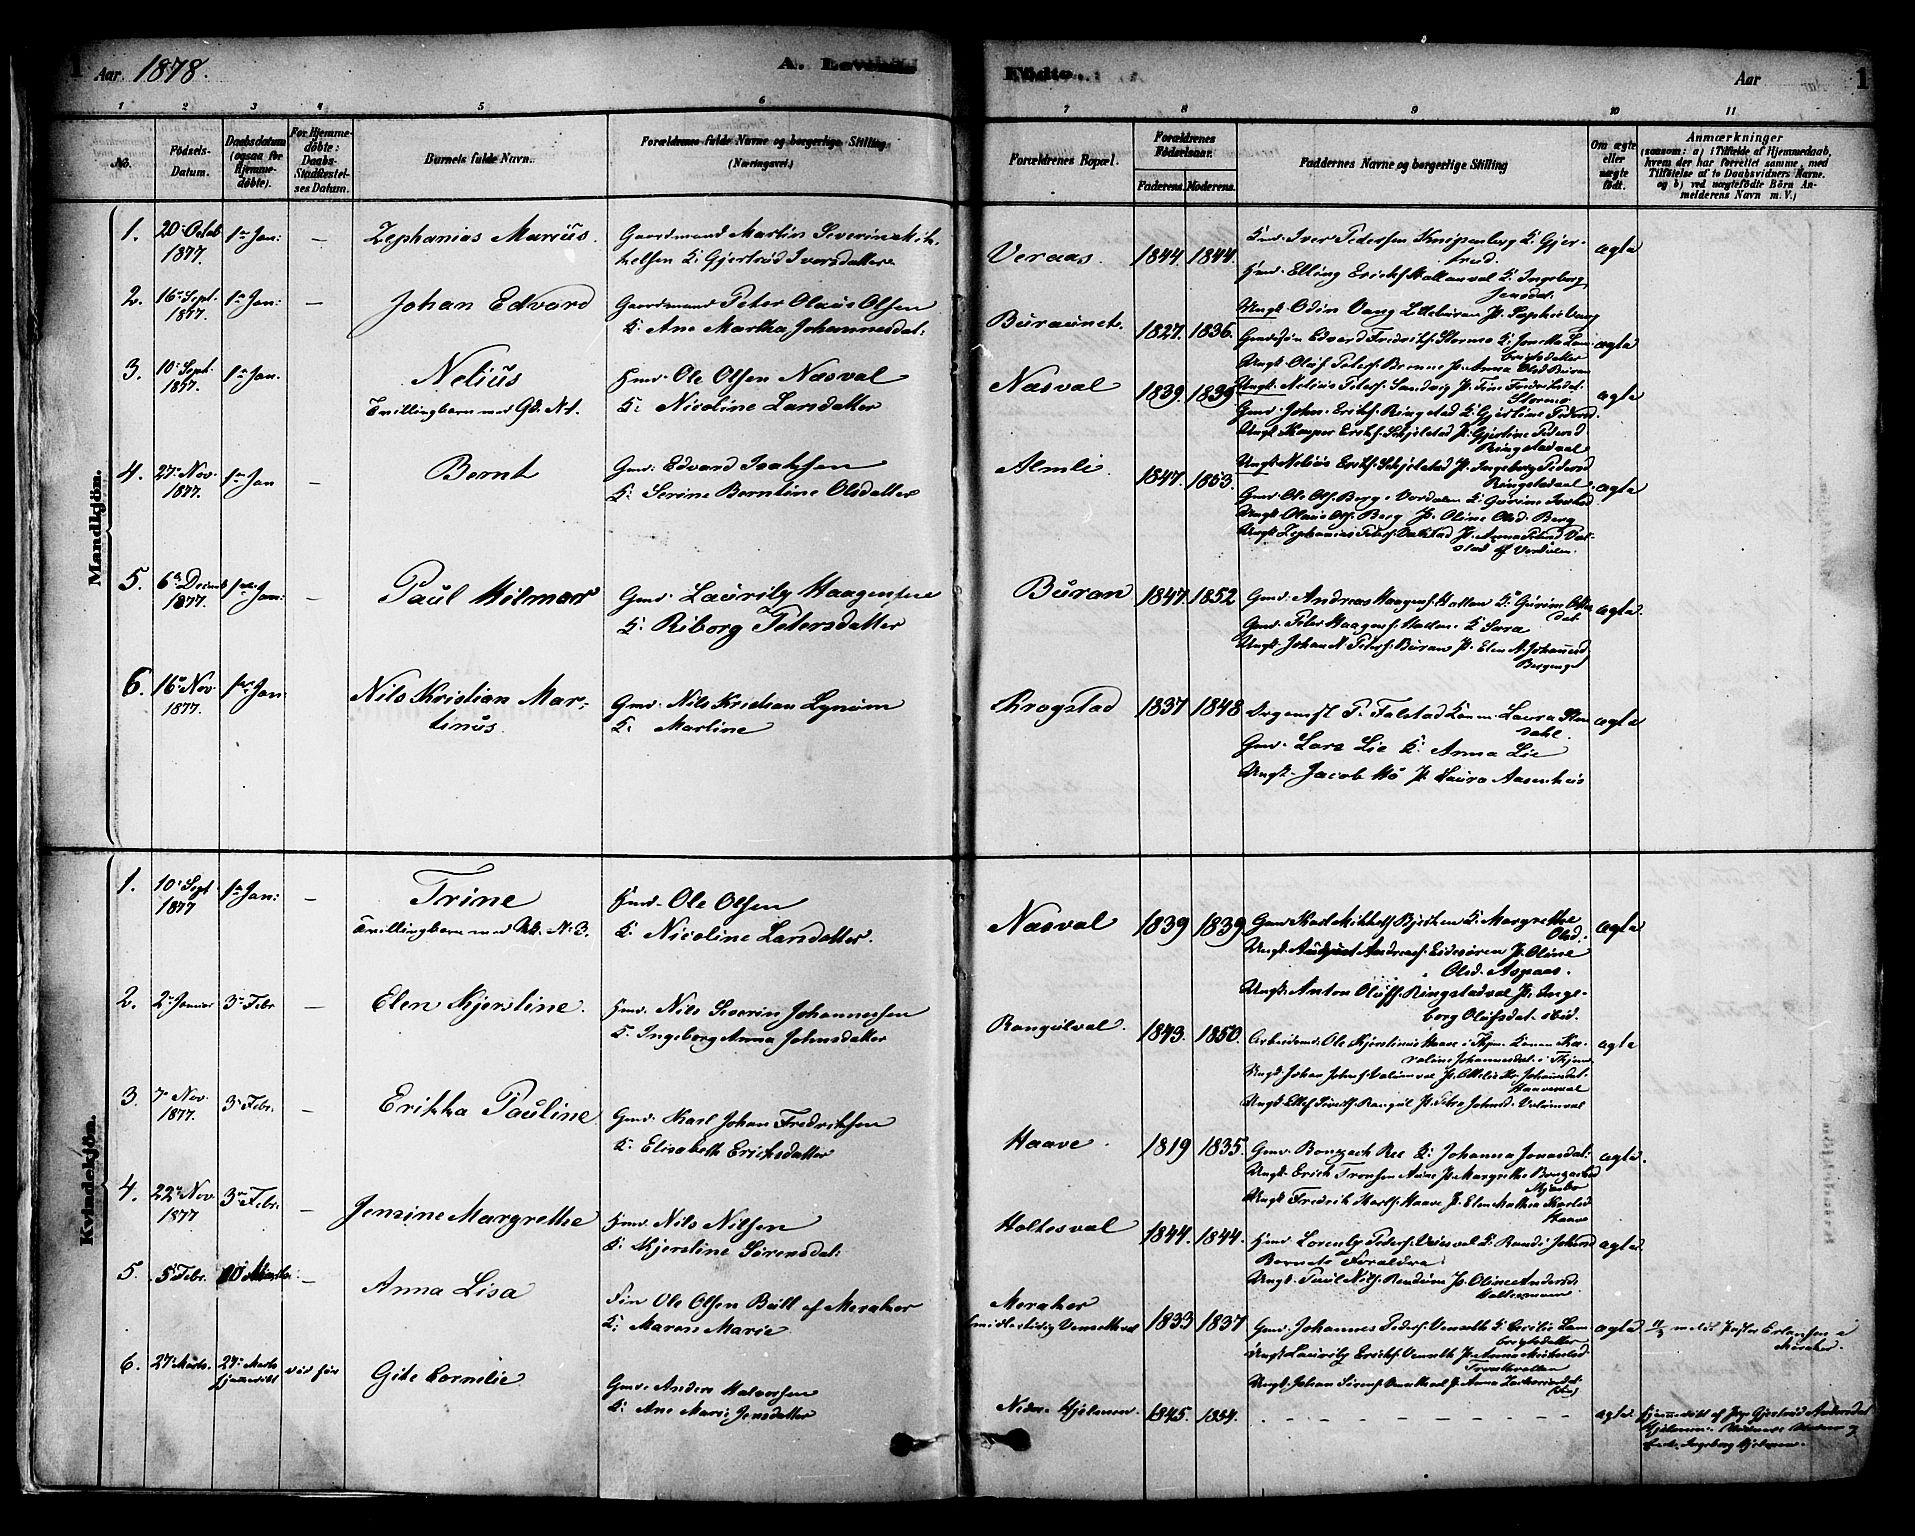 SAT, Ministerialprotokoller, klokkerbøker og fødselsregistre - Nord-Trøndelag, 717/L0159: Ministerialbok nr. 717A09, 1878-1898, s. 1